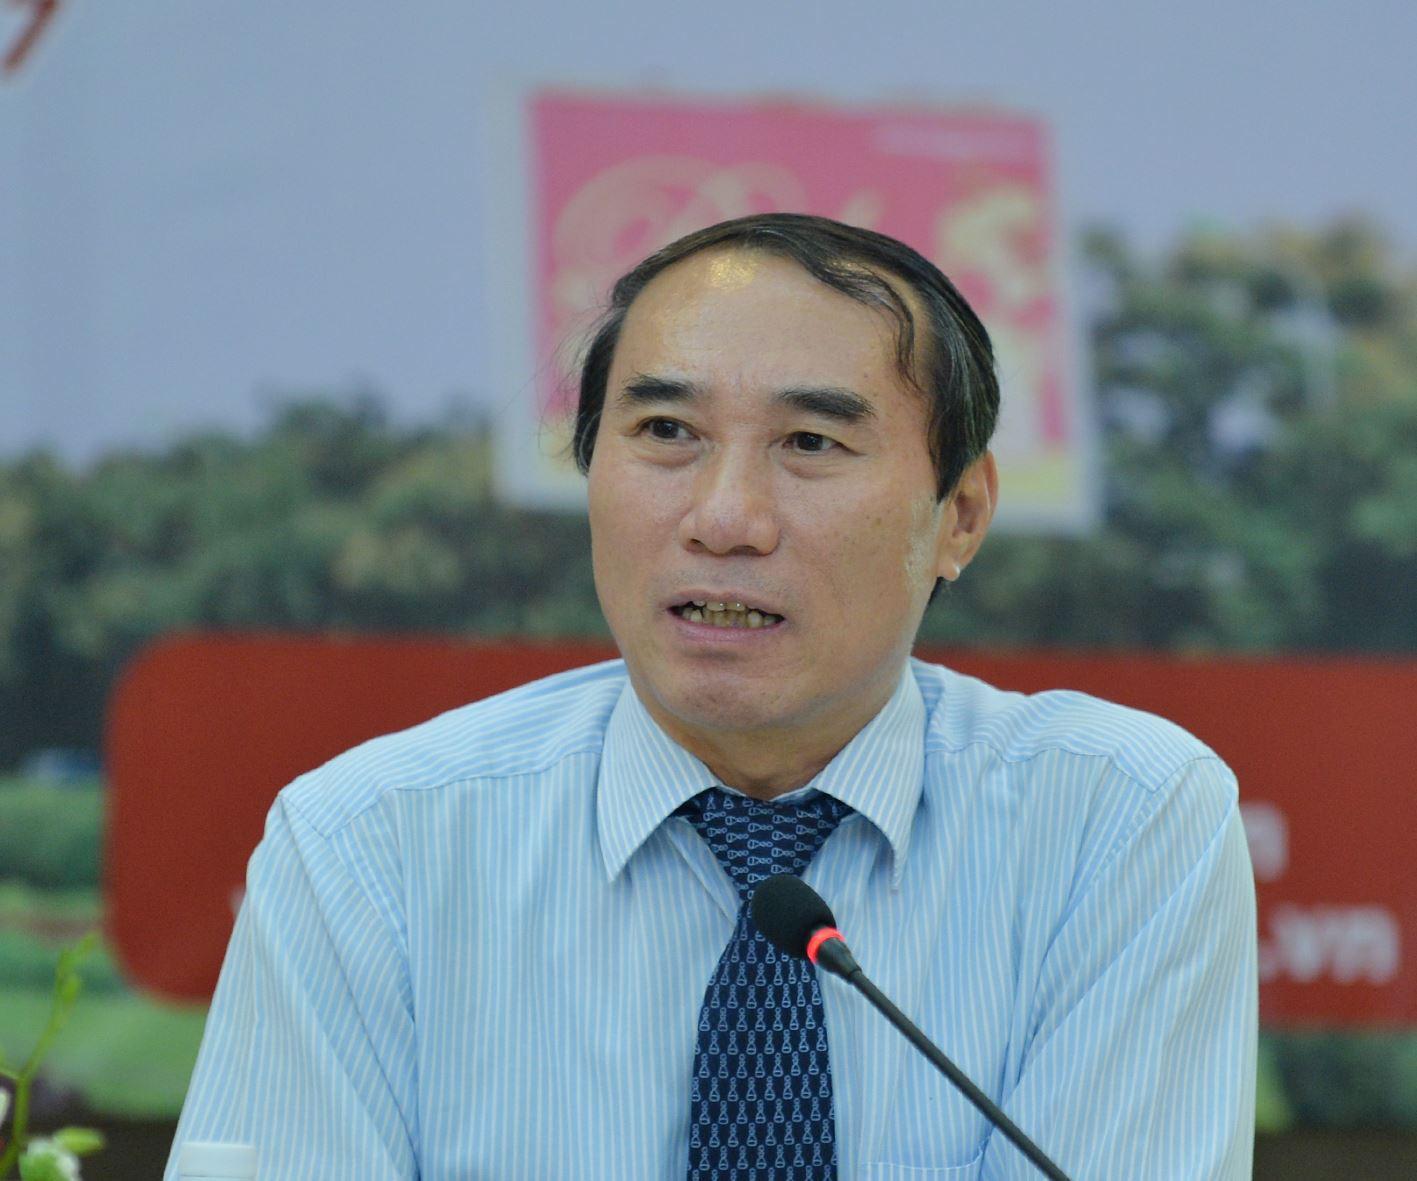 Lãnh đạo Bộ Tài chính nói Nghị định 20 lấy lại công bằng cho xã hội, chuyên gia kêu phải sửa luật ngay - Ảnh 1.